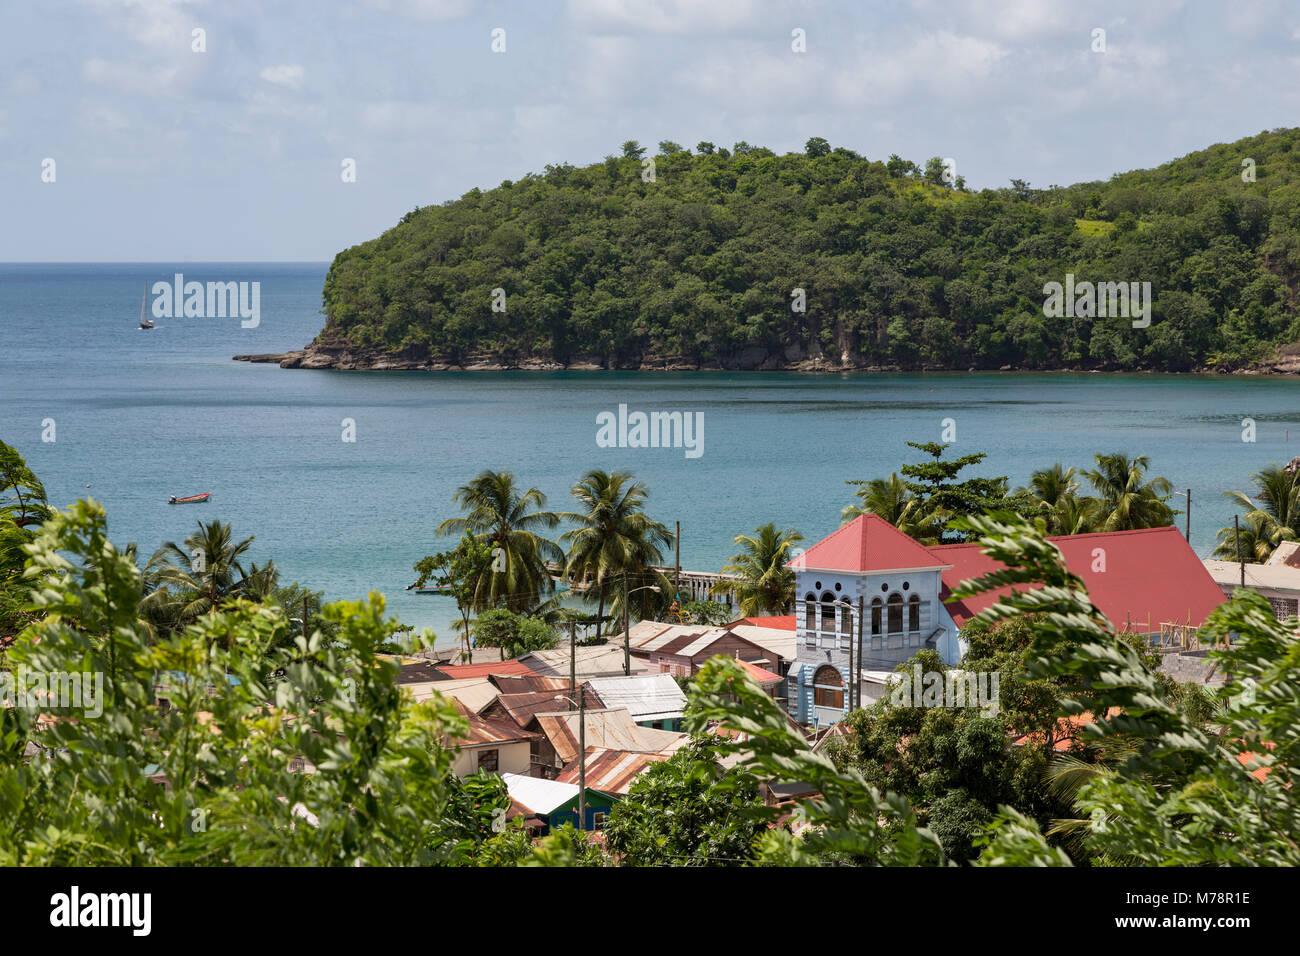 Église dans la petite ville de Canaries, avec au-delà de la baie de Canaries, Sainte-Lucie, îles du Vent (Antilles Caraïbes, Amérique Centrale Banque D'Images